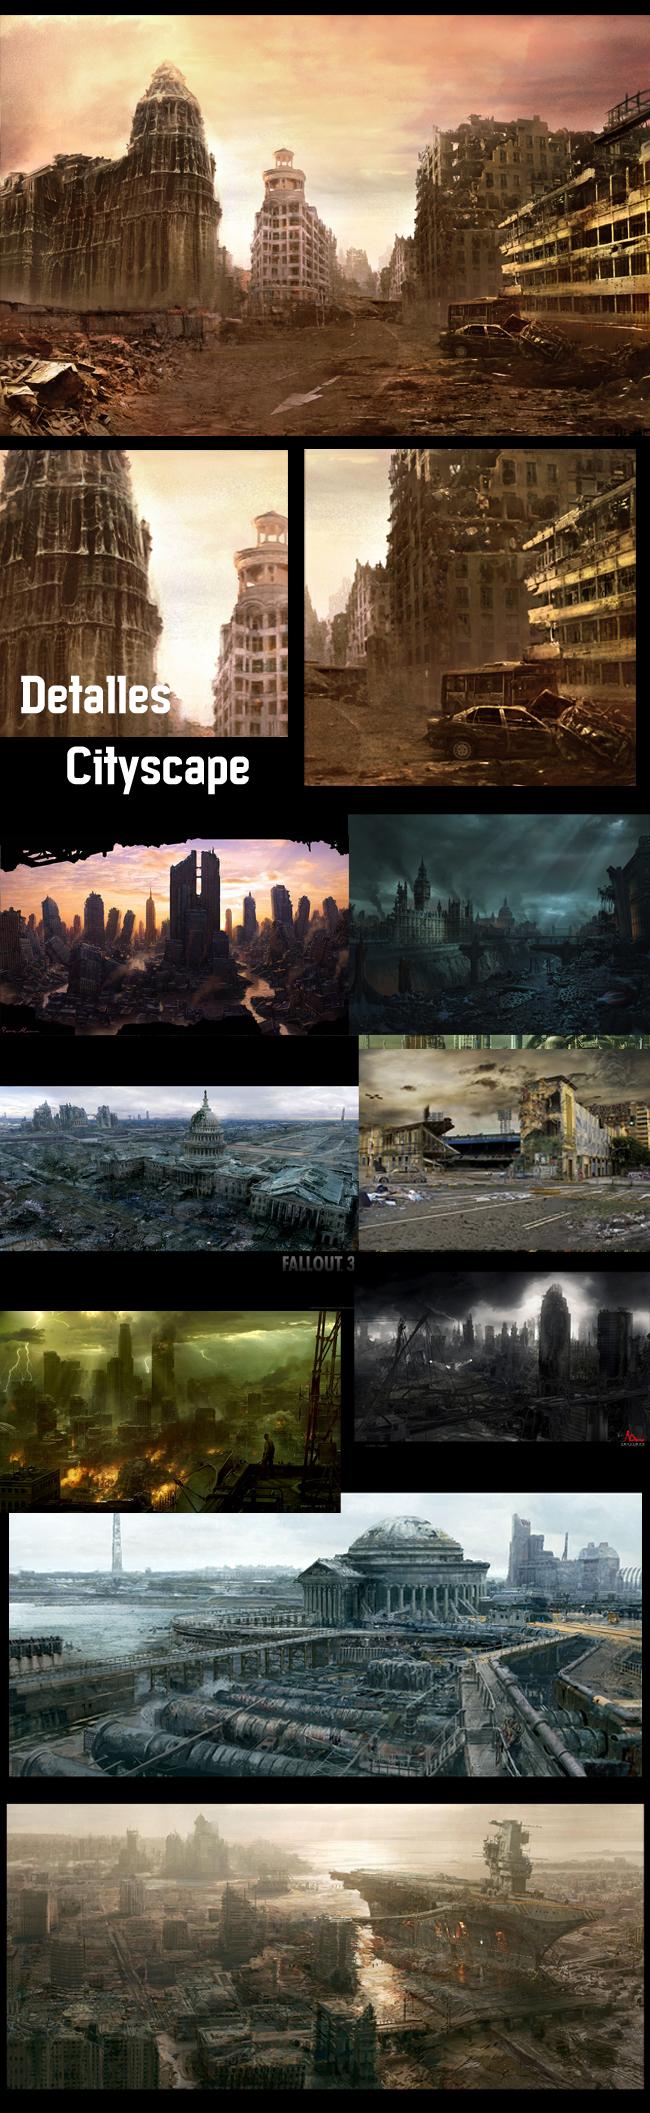 Cityscape-cursos-comic.ilustracion-dibujo-digital-academia-c10